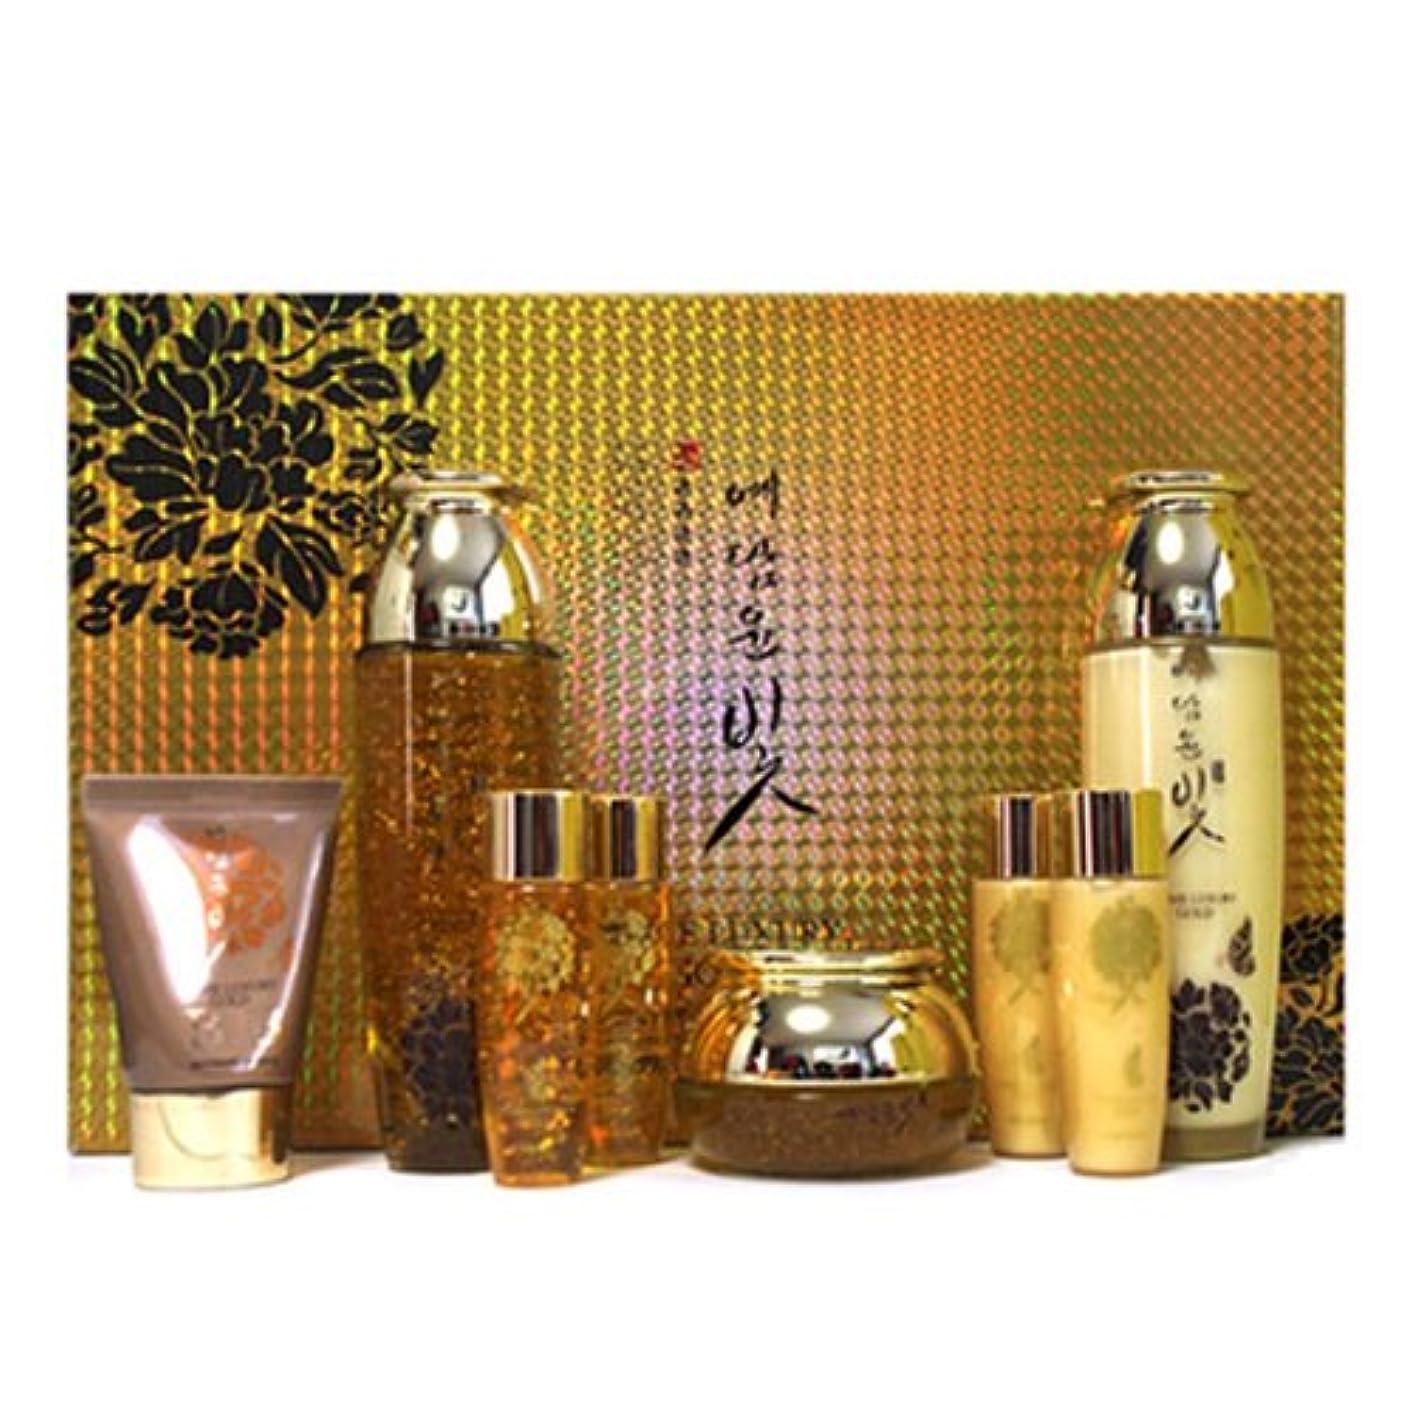 星うるさいマイルイェダムユンビト[韓国コスメYedam Yun Bit]Prime Luxury Gold Skin Care Set プライムラグジュアリーゴールドスキンケア4セット 樹液 乳液 クリーム/ BBクリーム [並行輸入品]